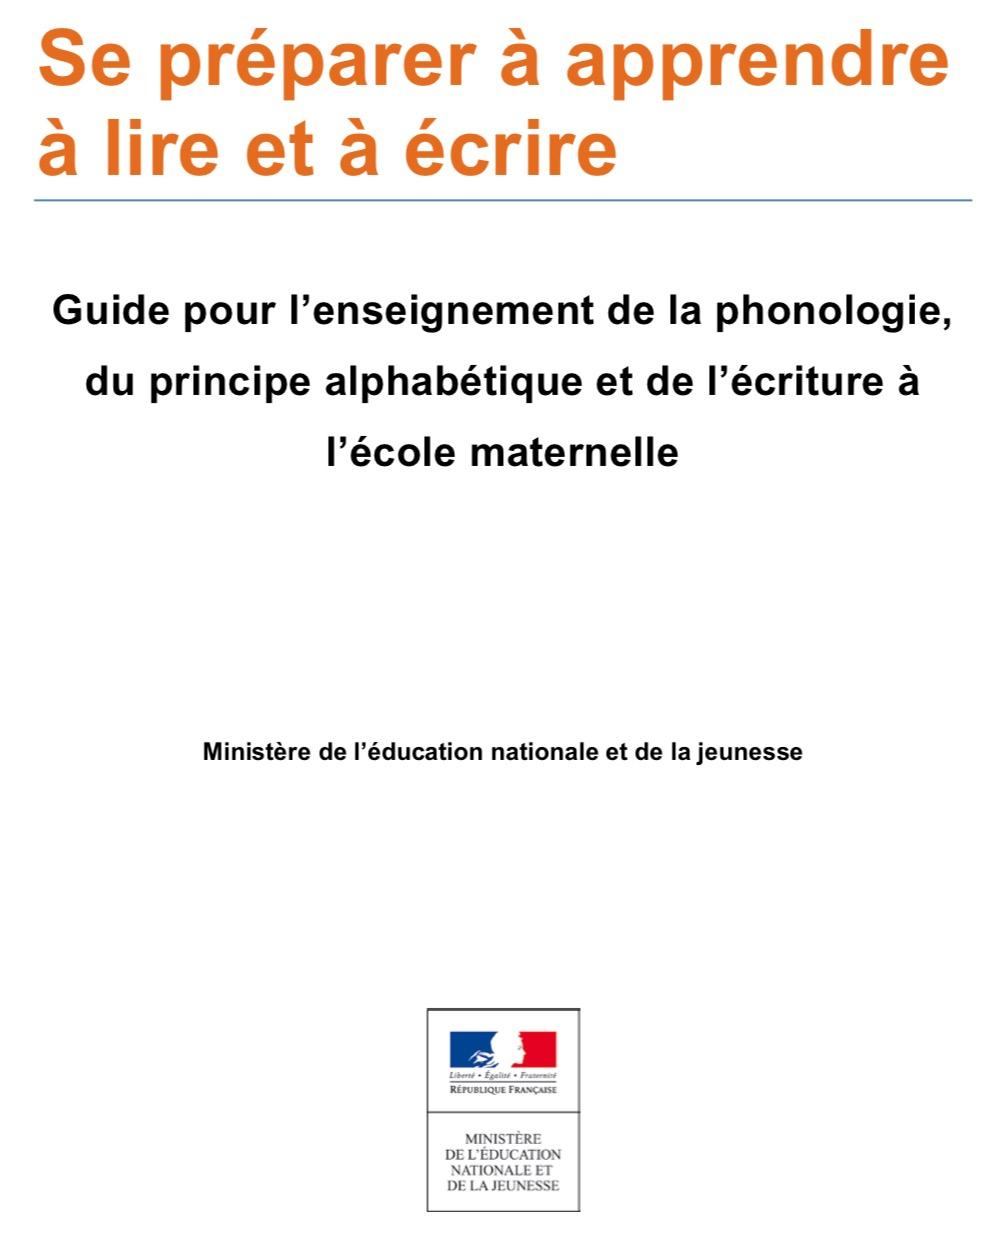 """Guide """"Se Préparer À Apprendre À Lire Et À Écrire intérieur Apprendre Ecriture Maternelle"""